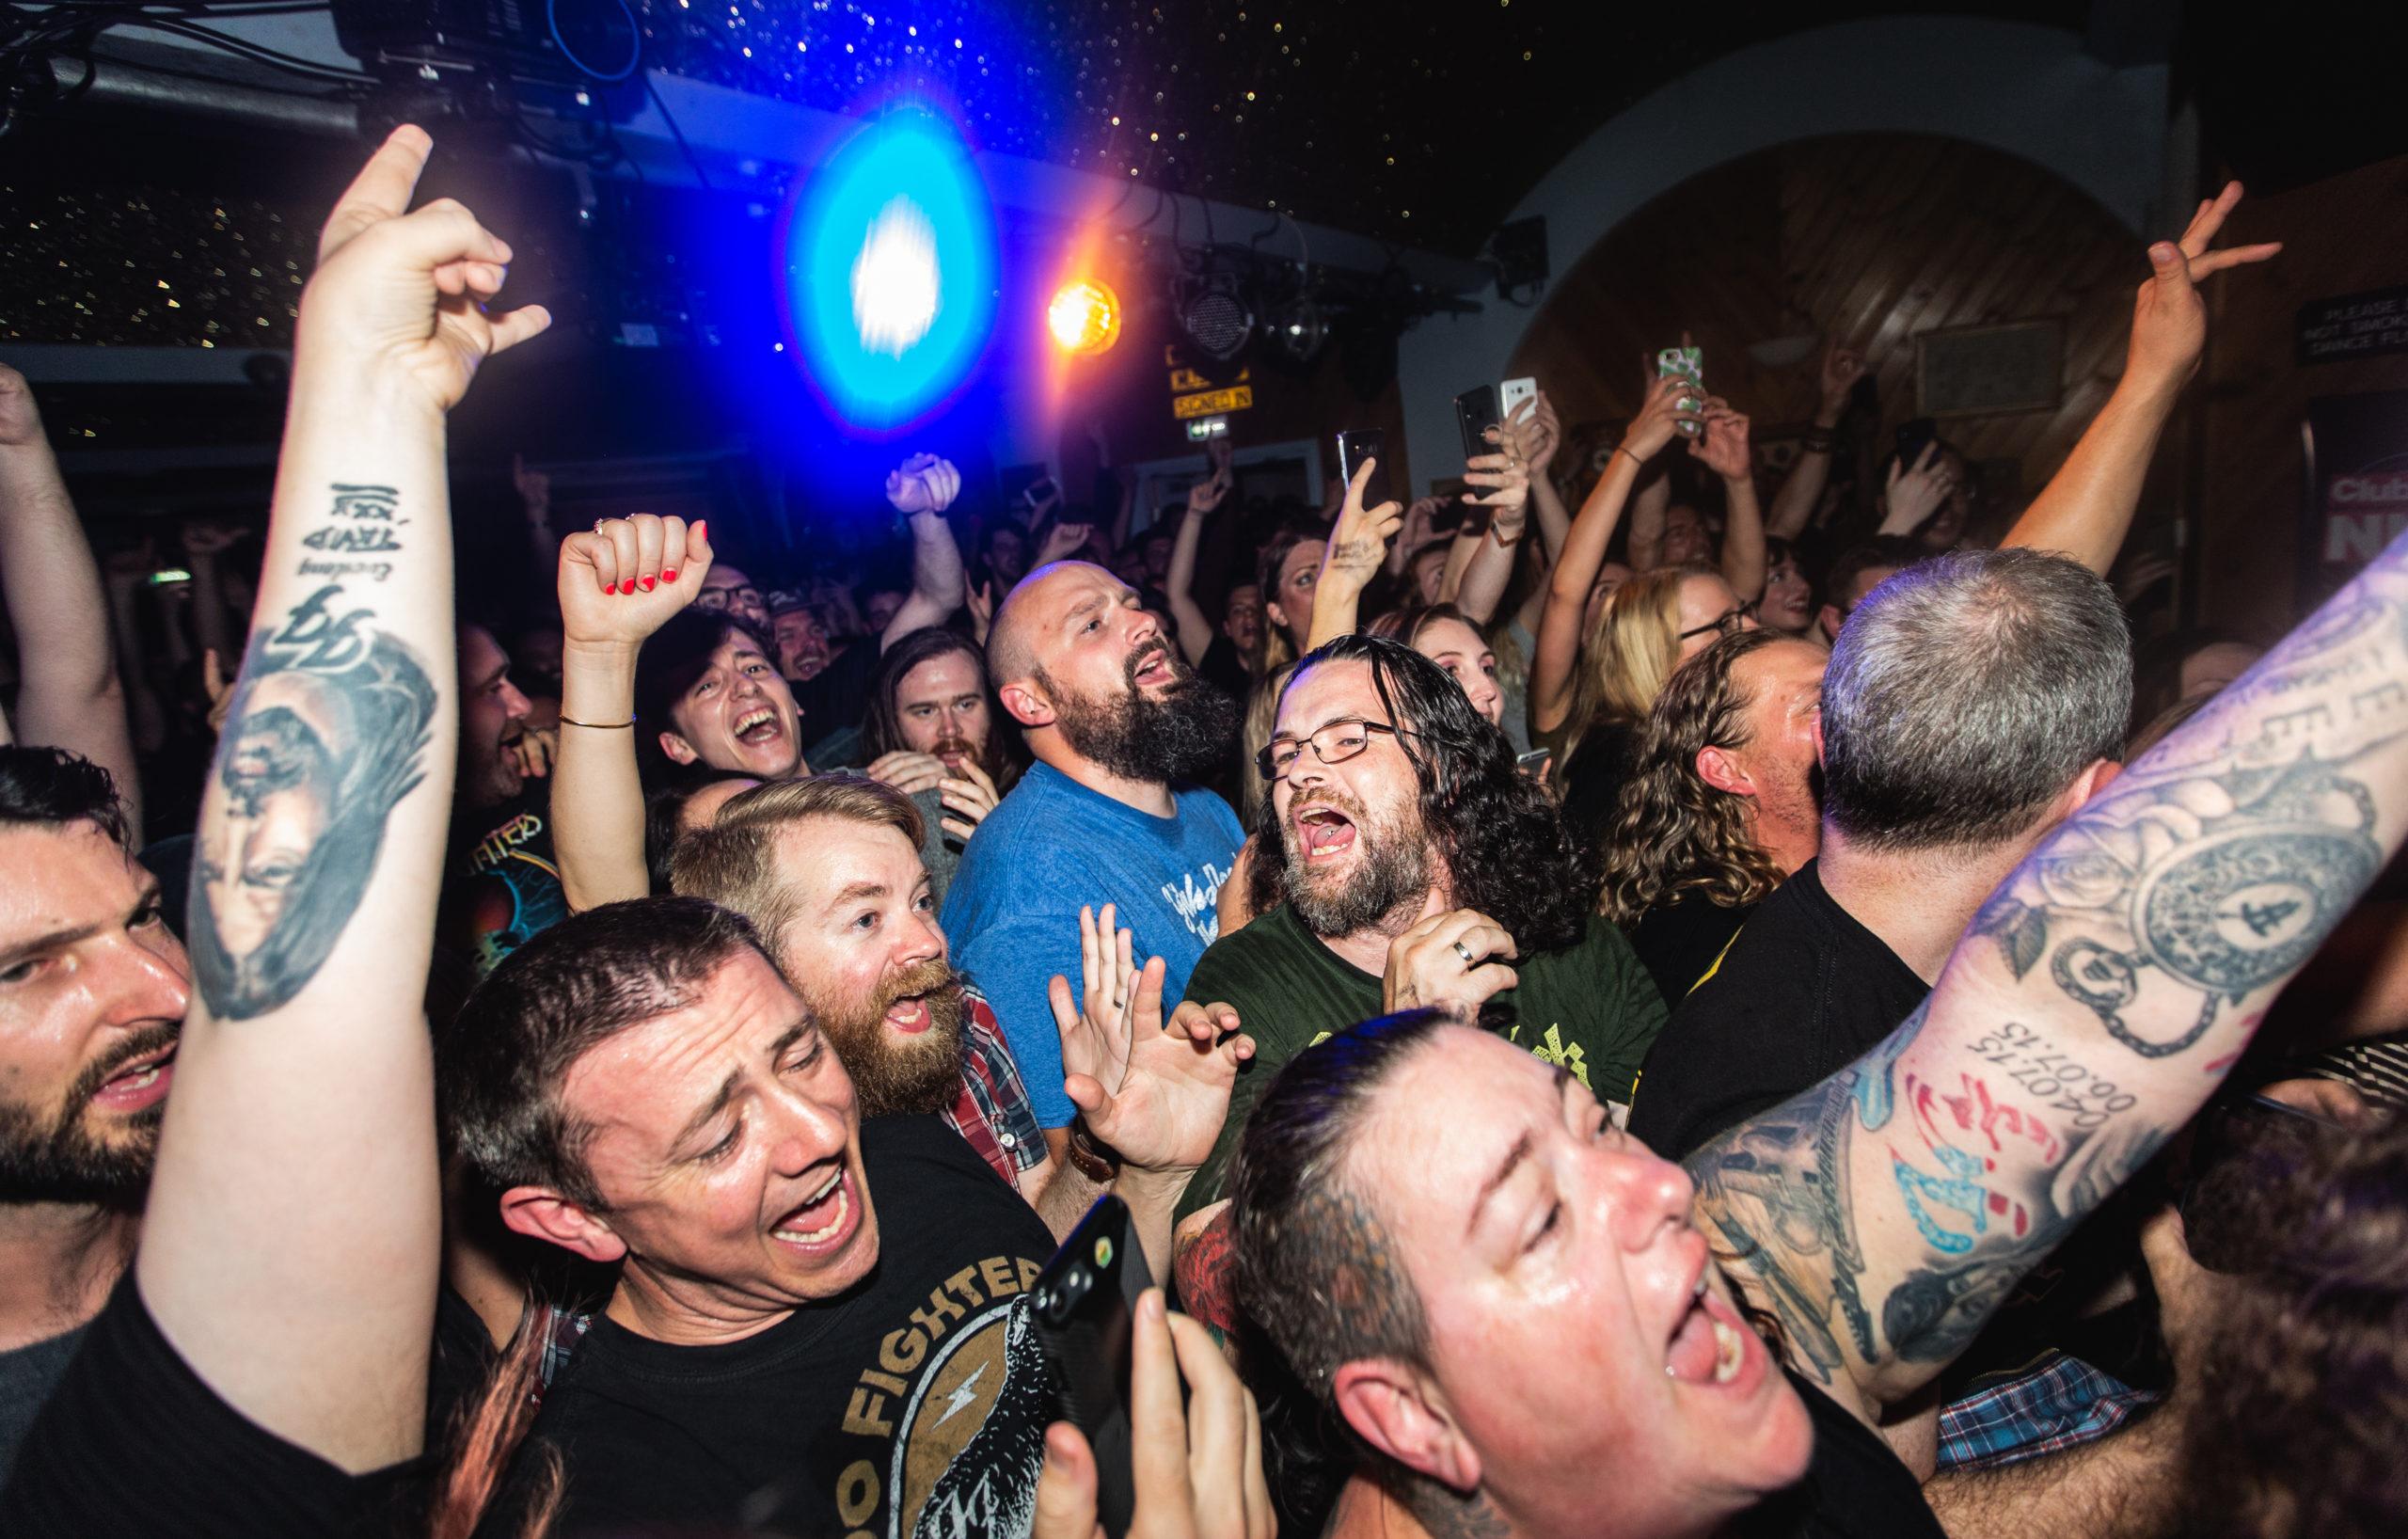 Club NME at Moth Club